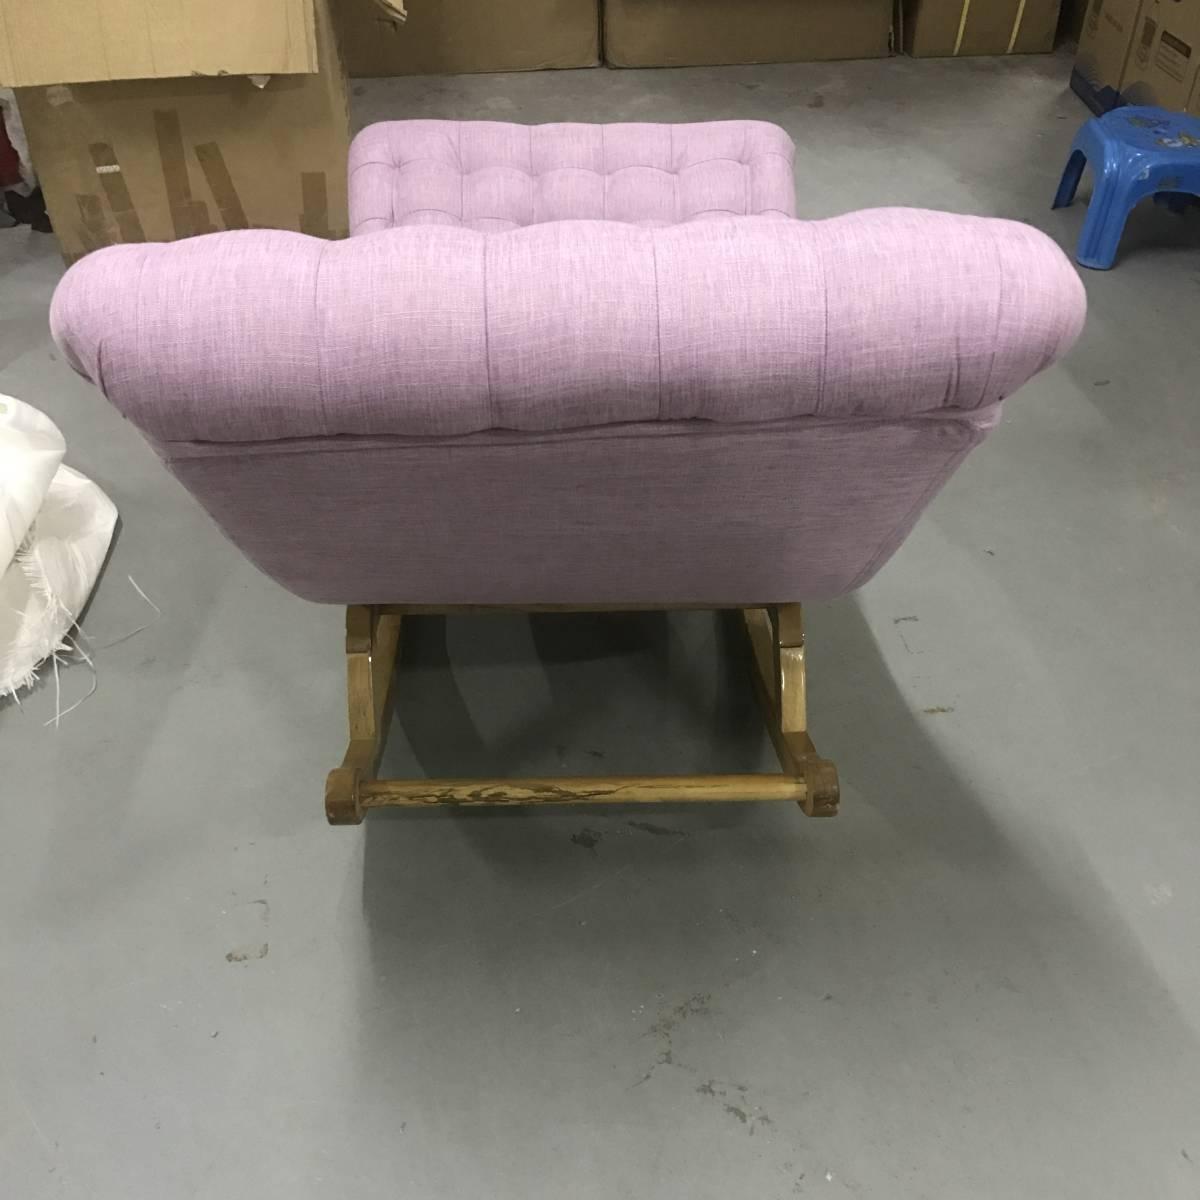 1円 倉庫在庫処分 未使用品 安楽椅子希少木製椅子イス極上座り心地 在庫一掃 処分セール XHQ036_画像5